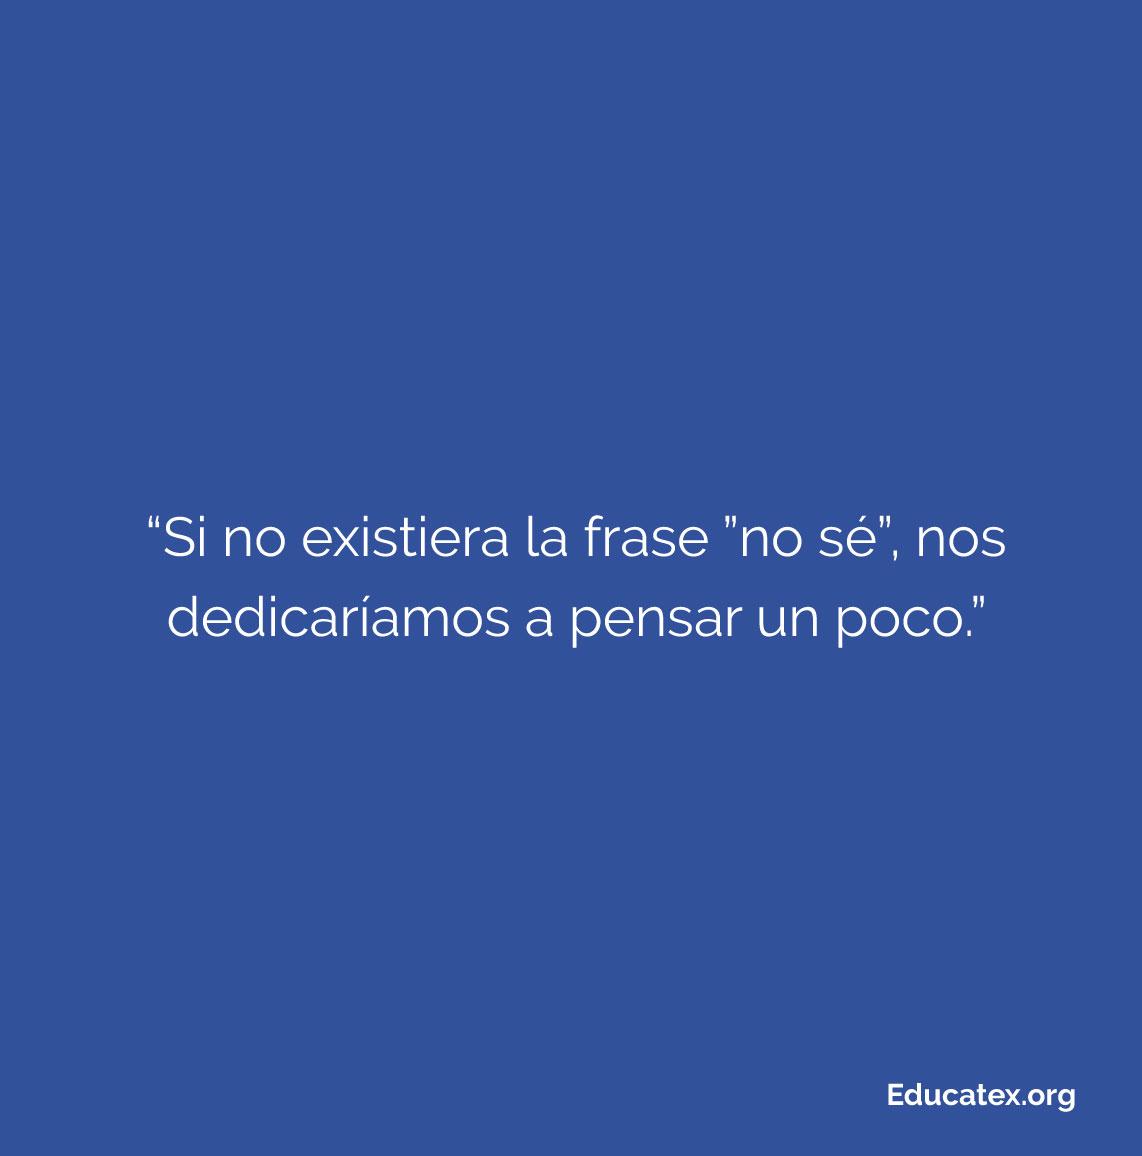 Frase del día . Para más conocimiento util @educate.x⠀ . #educatex #curiosidades #curiosidadesnerds #curiosidadesgeeks #curiosidadesemae #curiosidadesdenuestroplaneta #curiosidadestictocpic.twitter.com/mk0r7xJtIj